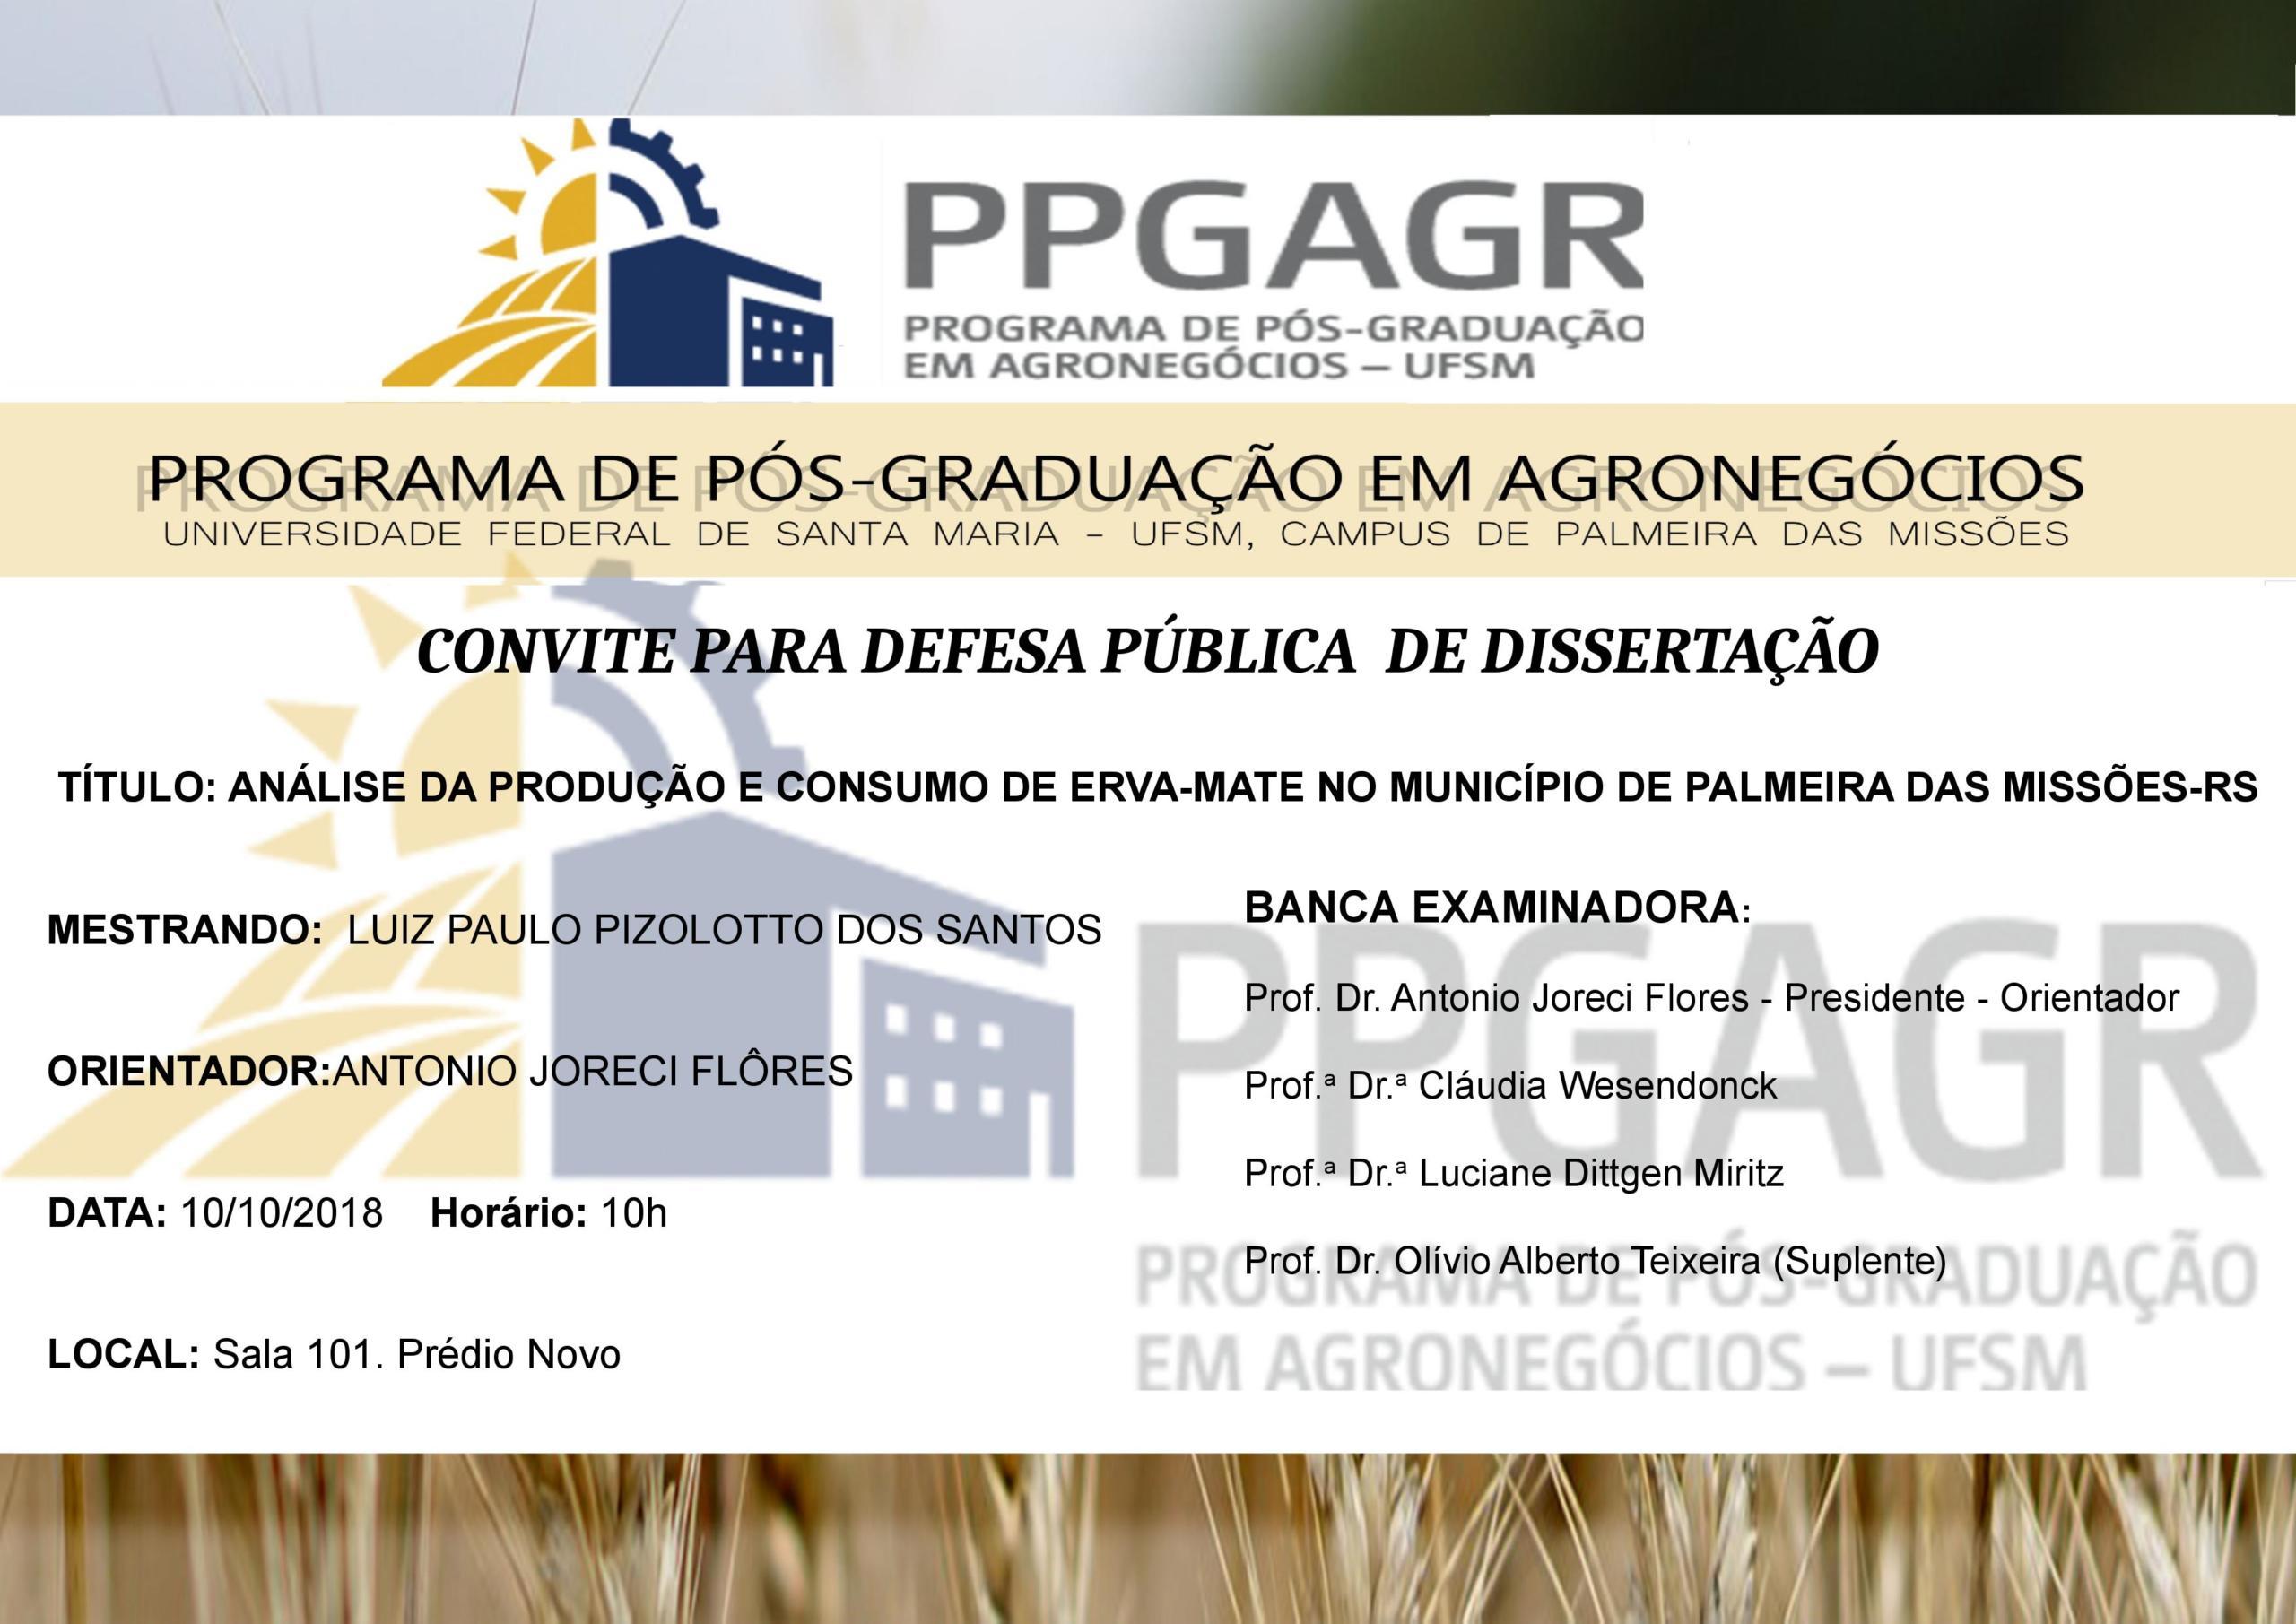 ConviteLuizPaulo